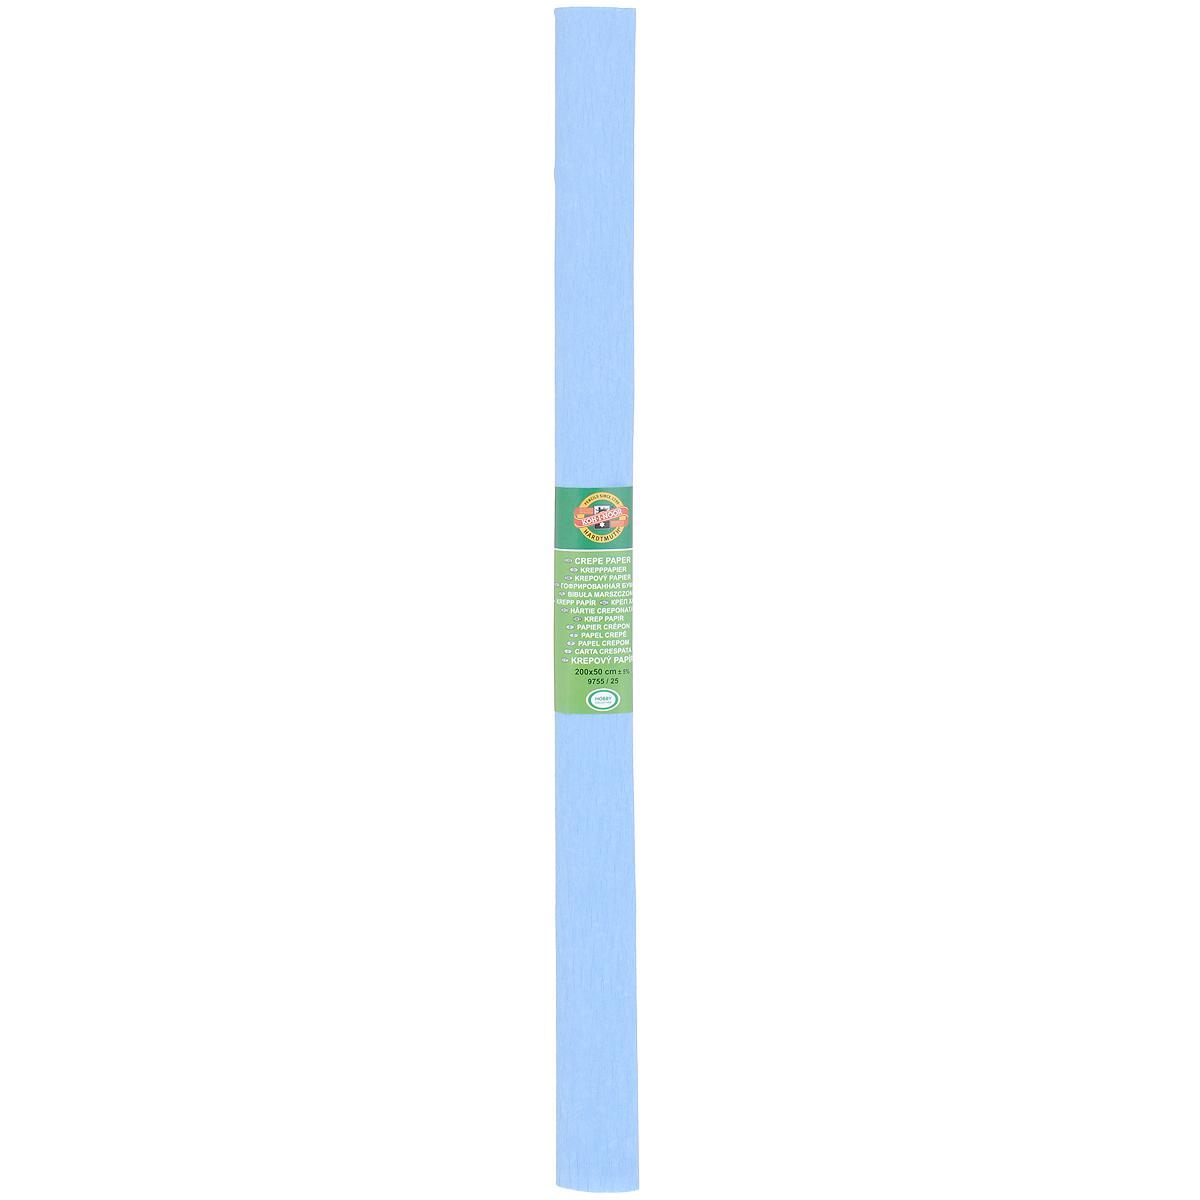 Бумага гофрированная Koh-I-Noor, цвет: голубой, 50 см x 2 м9755/25Гофрированная бумага Koh-I-Noor - прекрасный материал для декорирования, изготовления эффектной упаковки и различных поделок. Бумага прекрасно держит форму, не пачкает руки, отлично крепится и замечательно подходит для изготовления праздничной упаковки для цветов.